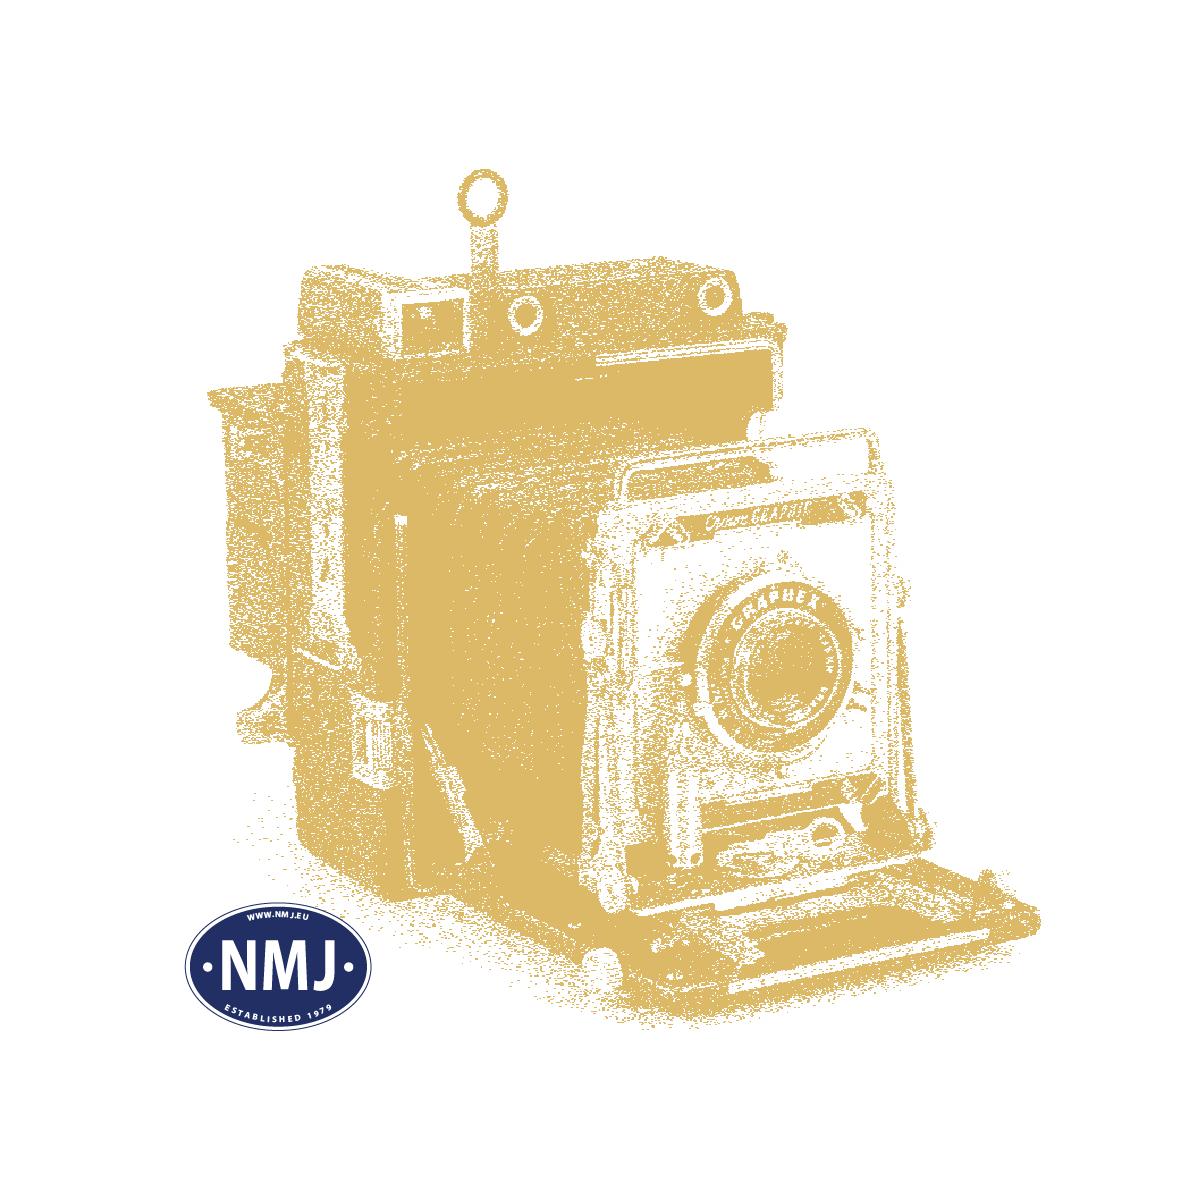 NMJT70005 - NMJ Topline SJ Mas Malmvognsett #2, Svensk Type, m/ Last